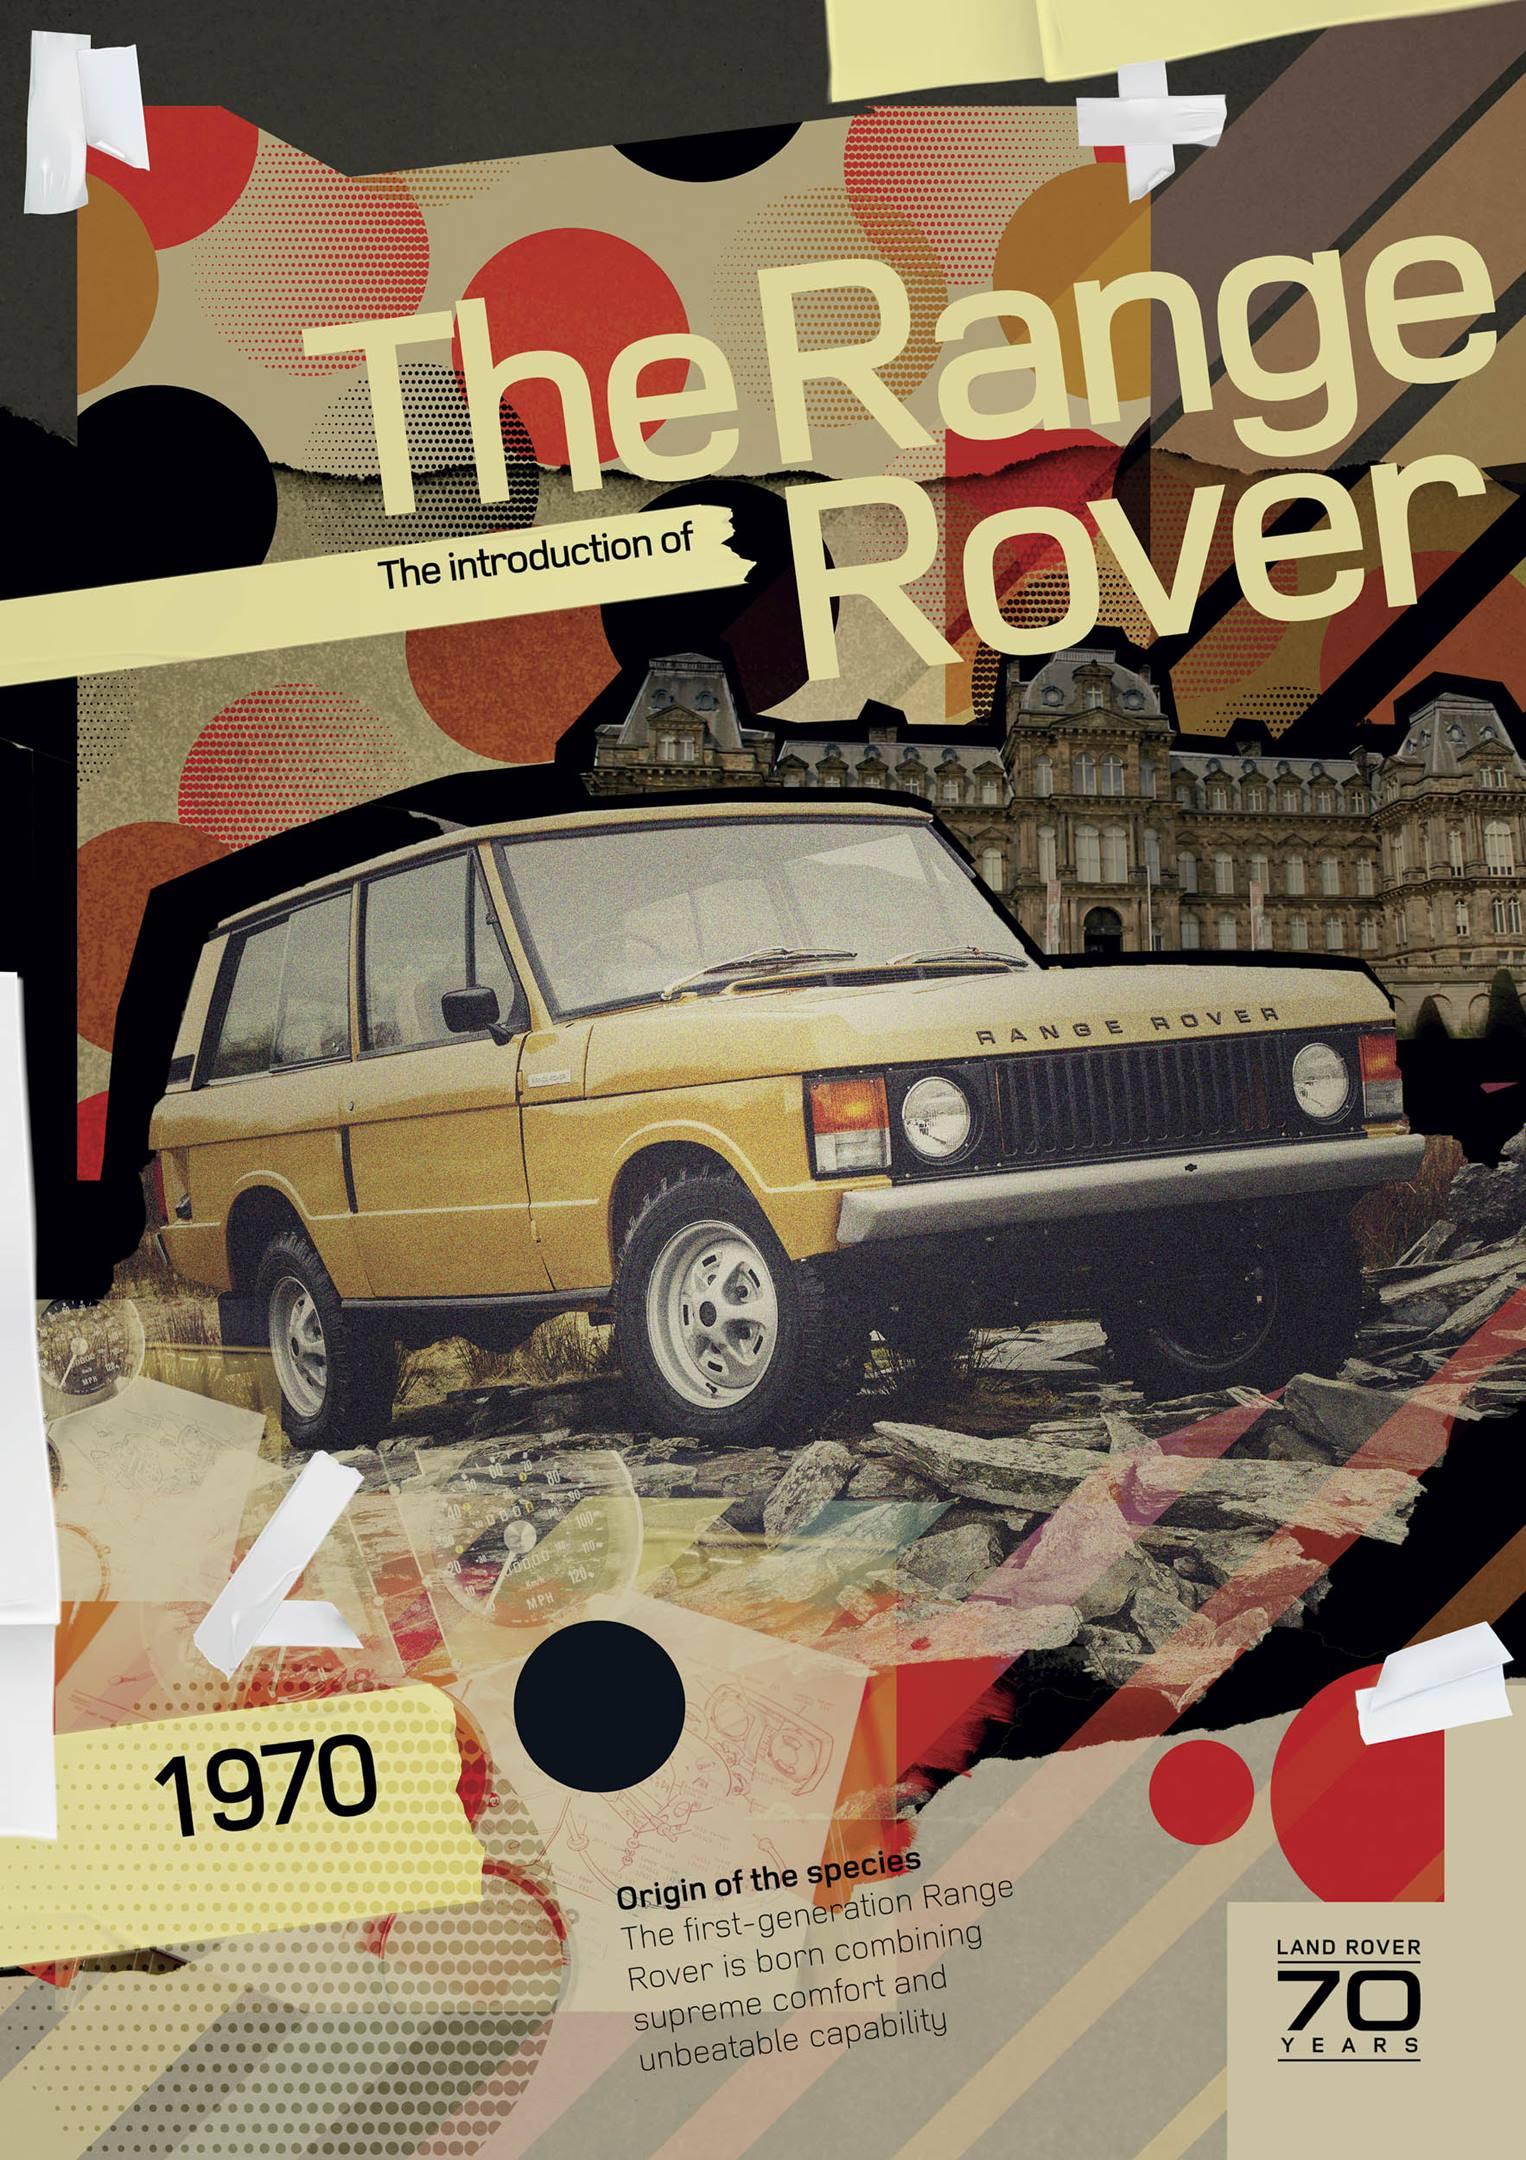 1970 Range Rover poster